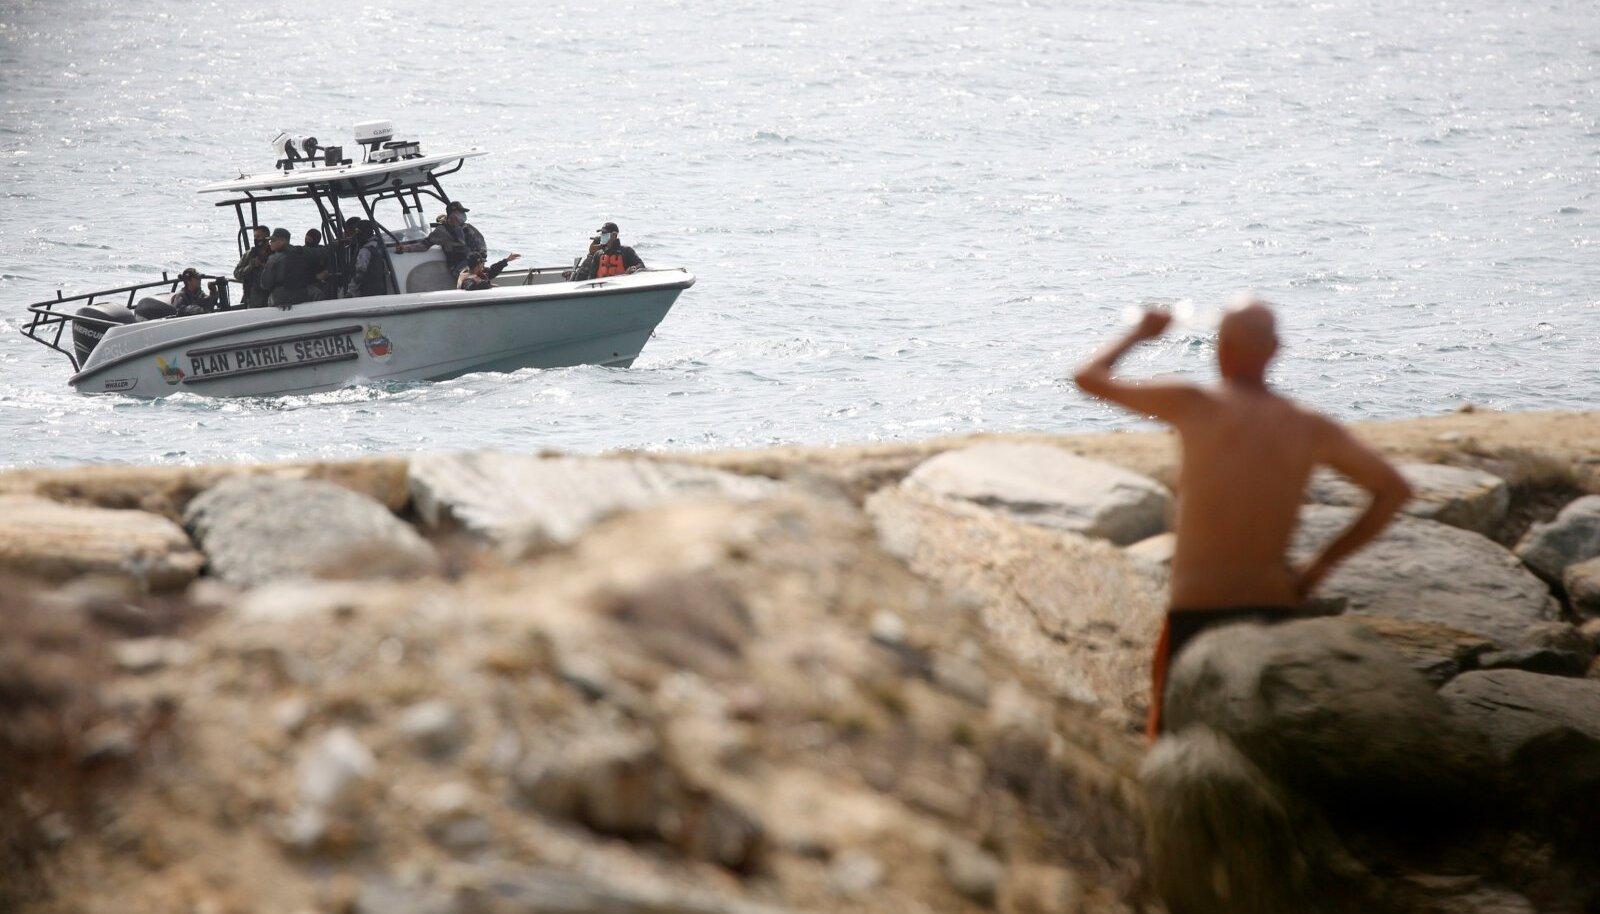 Venezuela relvajõud patrullivad rannikul, kus väidetavad riigikukutajad tabati.